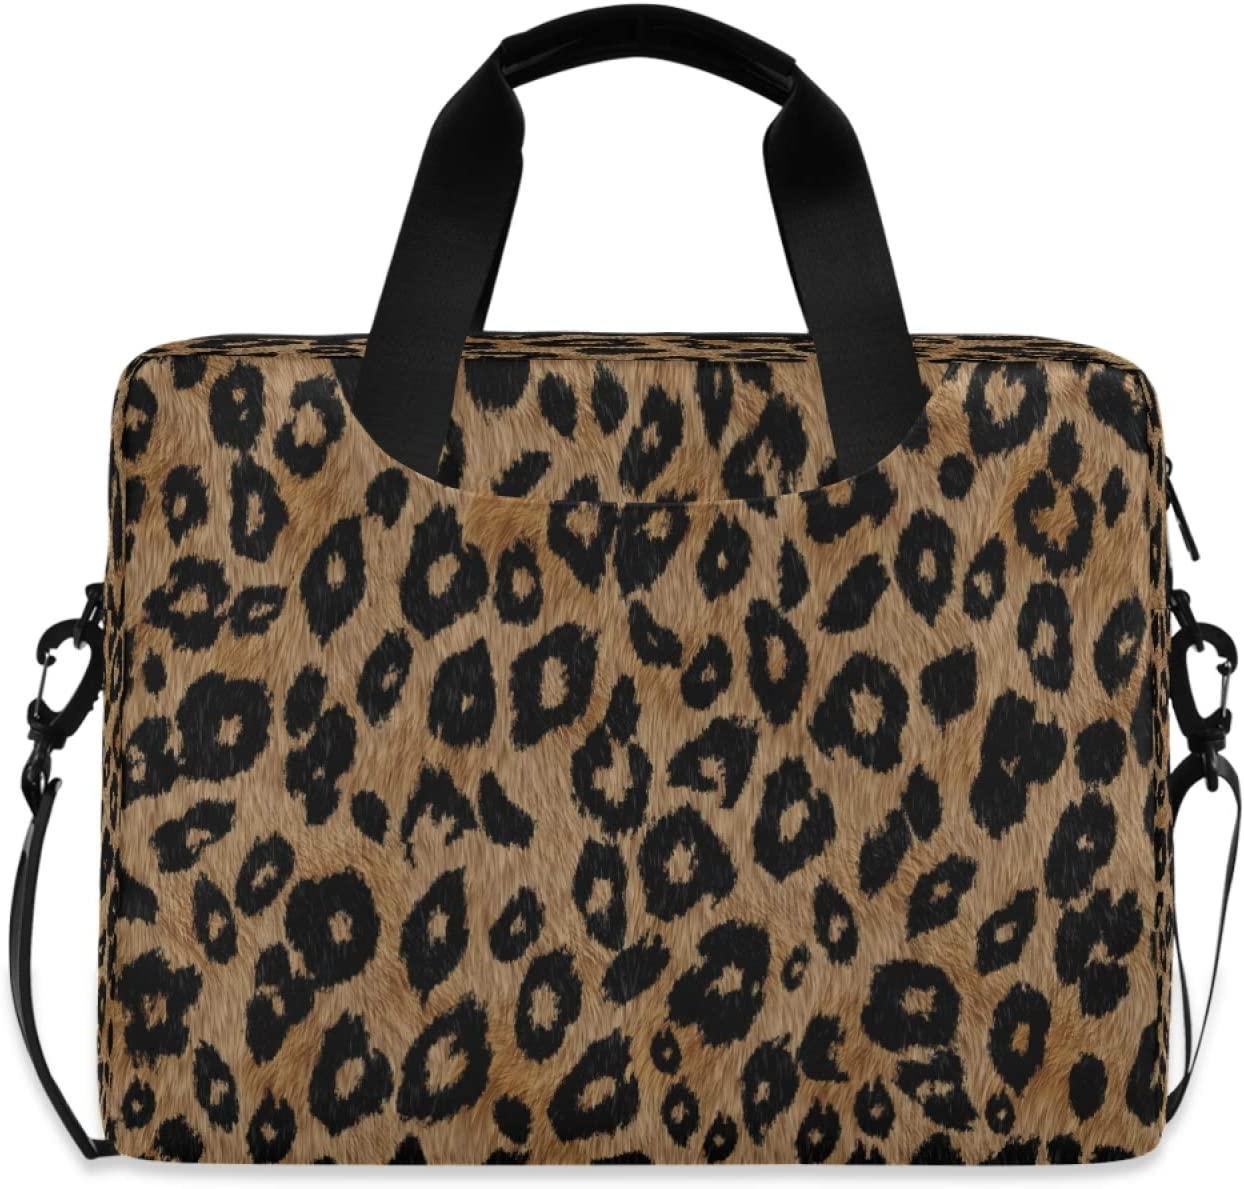 Yulife Vintage Leopard Print Laptop Bag Sleeve Case for Women Men Briefcase Tablet Messenger Shoulder Bag with Strap Notebook Computer Case 14 15.6 16 Inch for Kids Girls Business